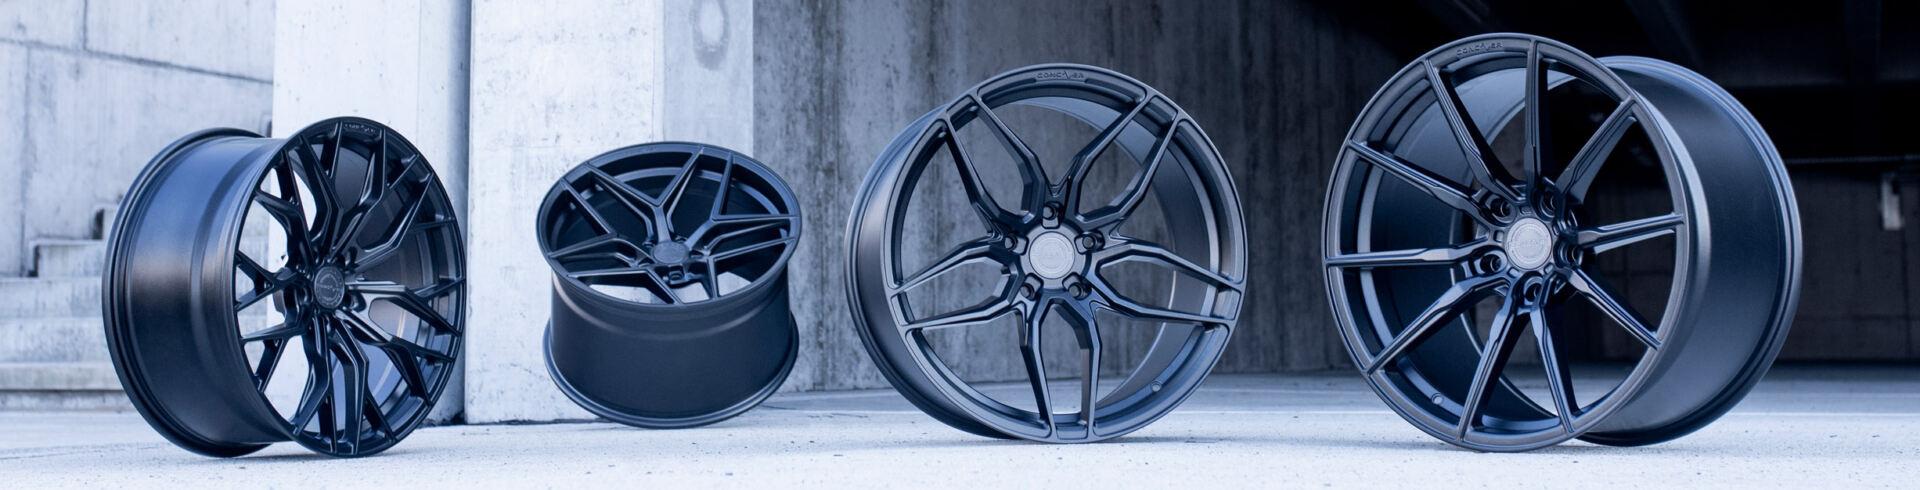 Ζάντες Concaver Wheels